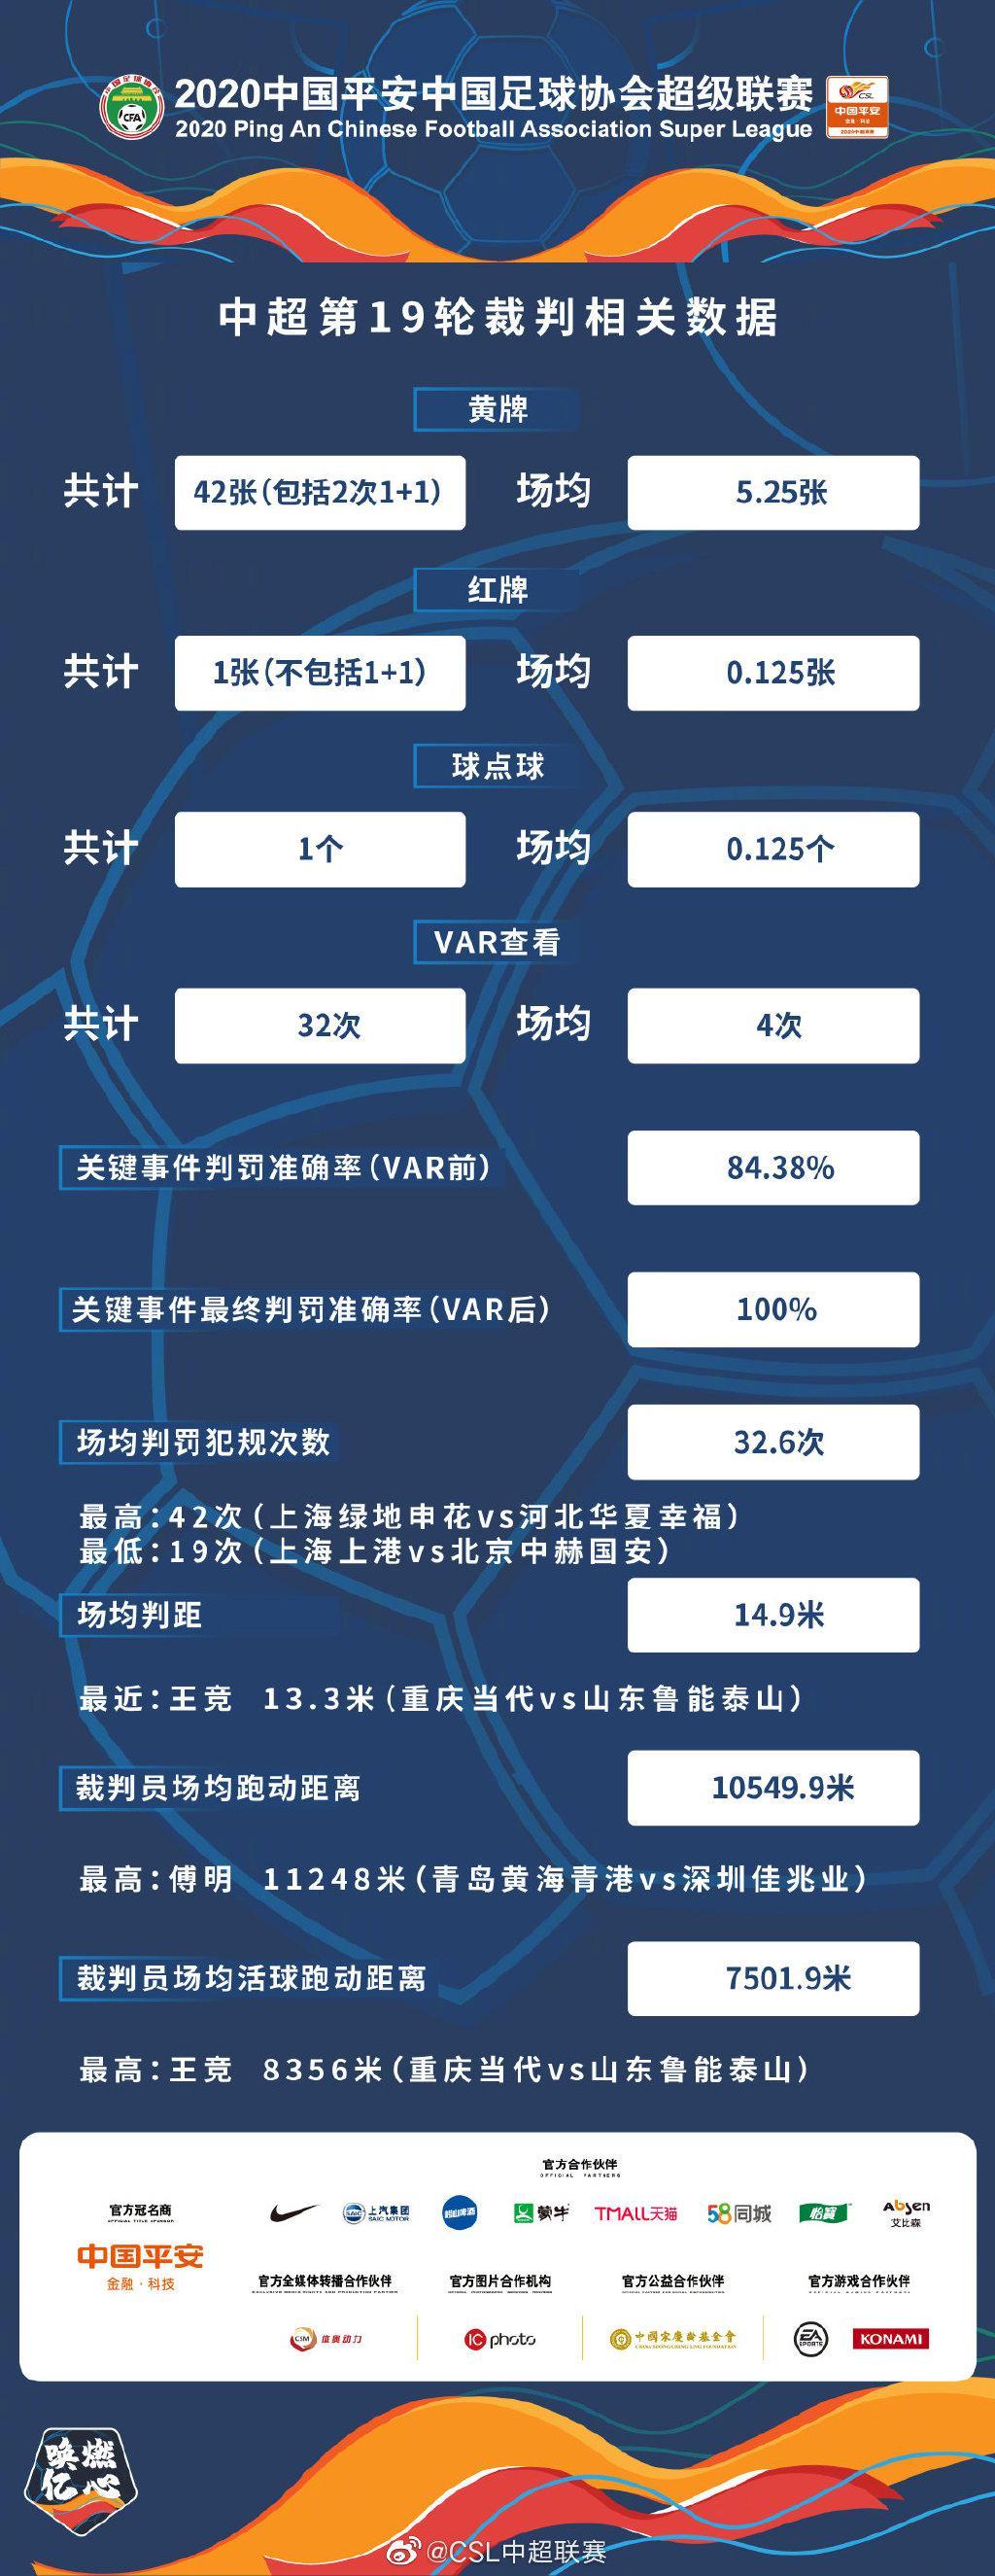 中超官方发布第19轮裁判数据 场均跑动间隔破万米